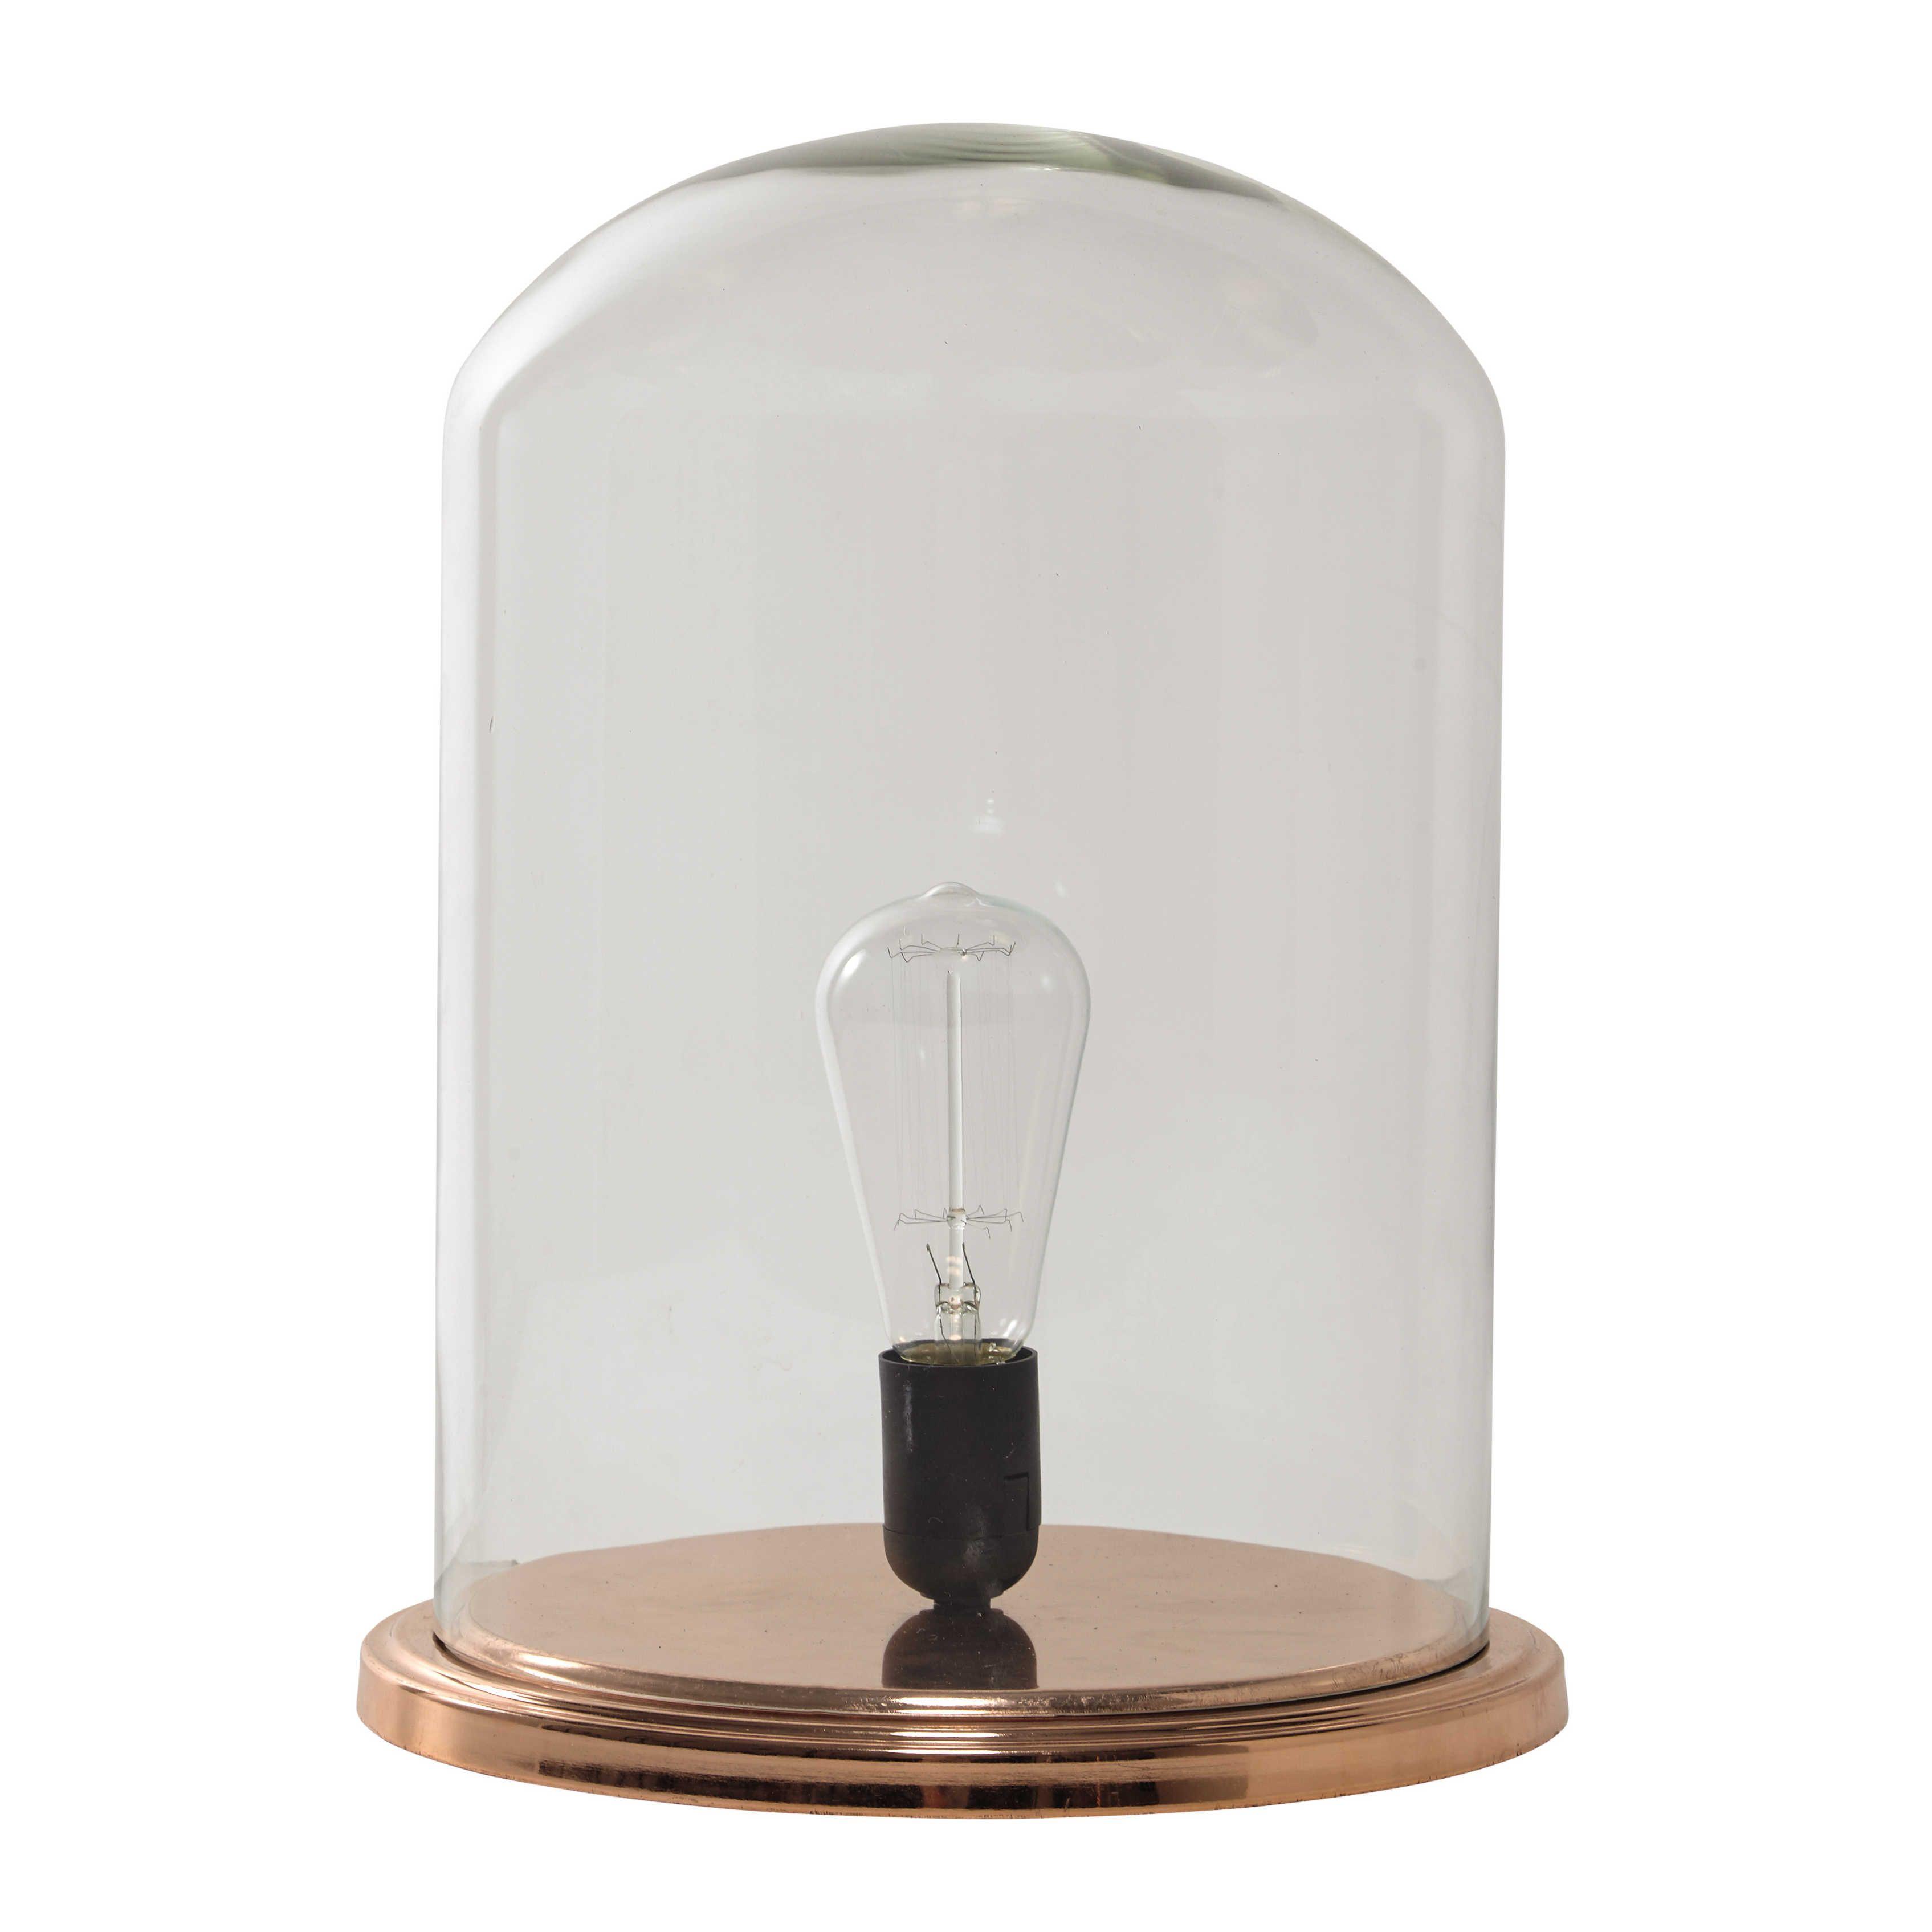 Luminaires Living Living Room Glass Bell Jar Chandelier